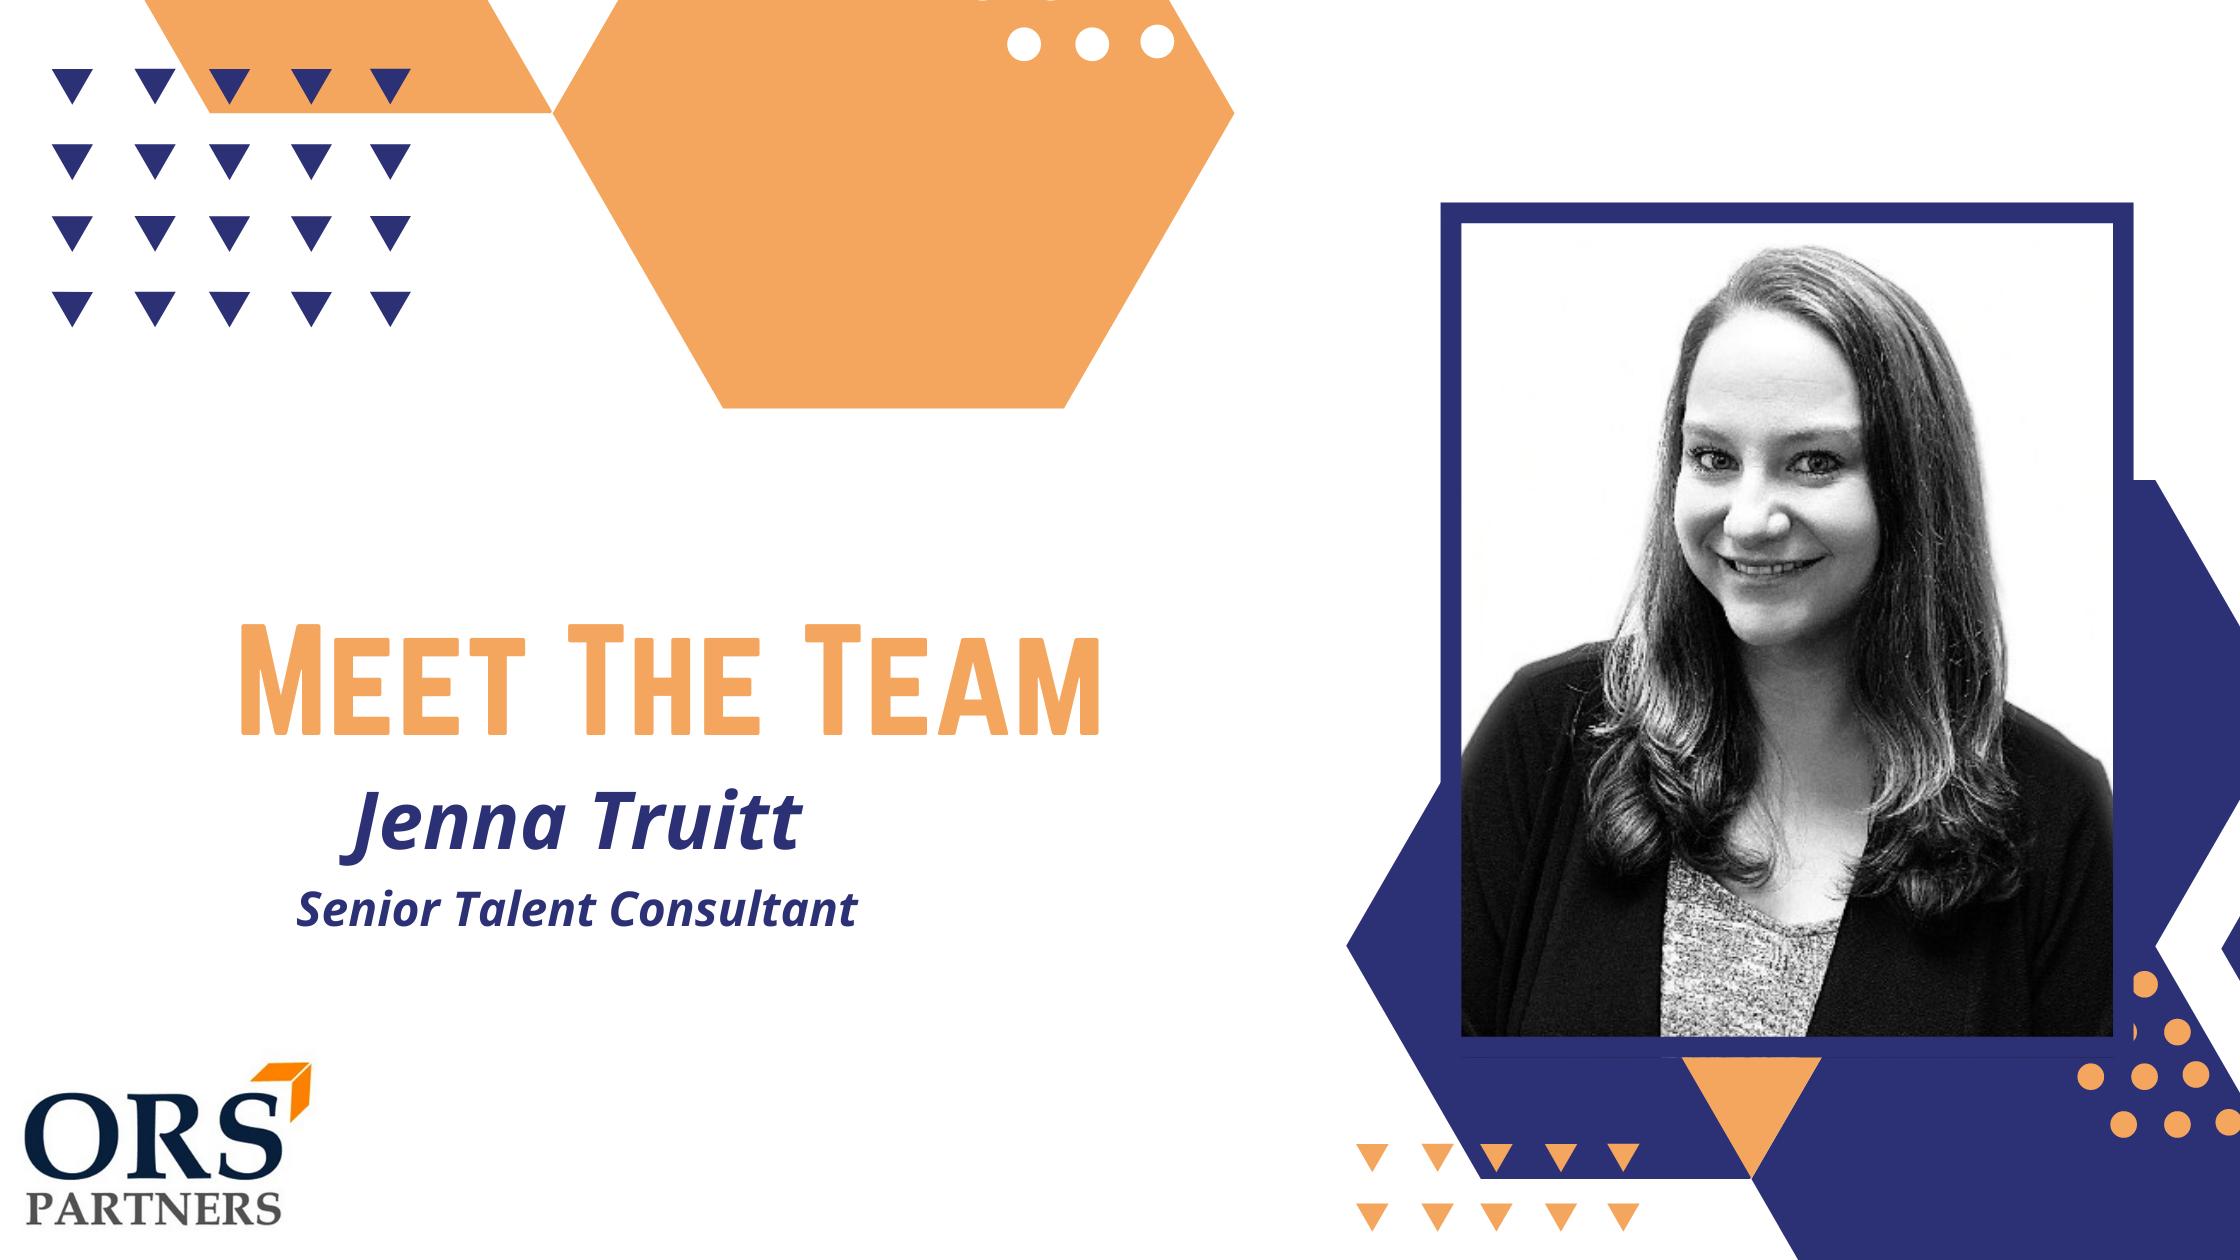 Meet the Team: Jenna Truitt